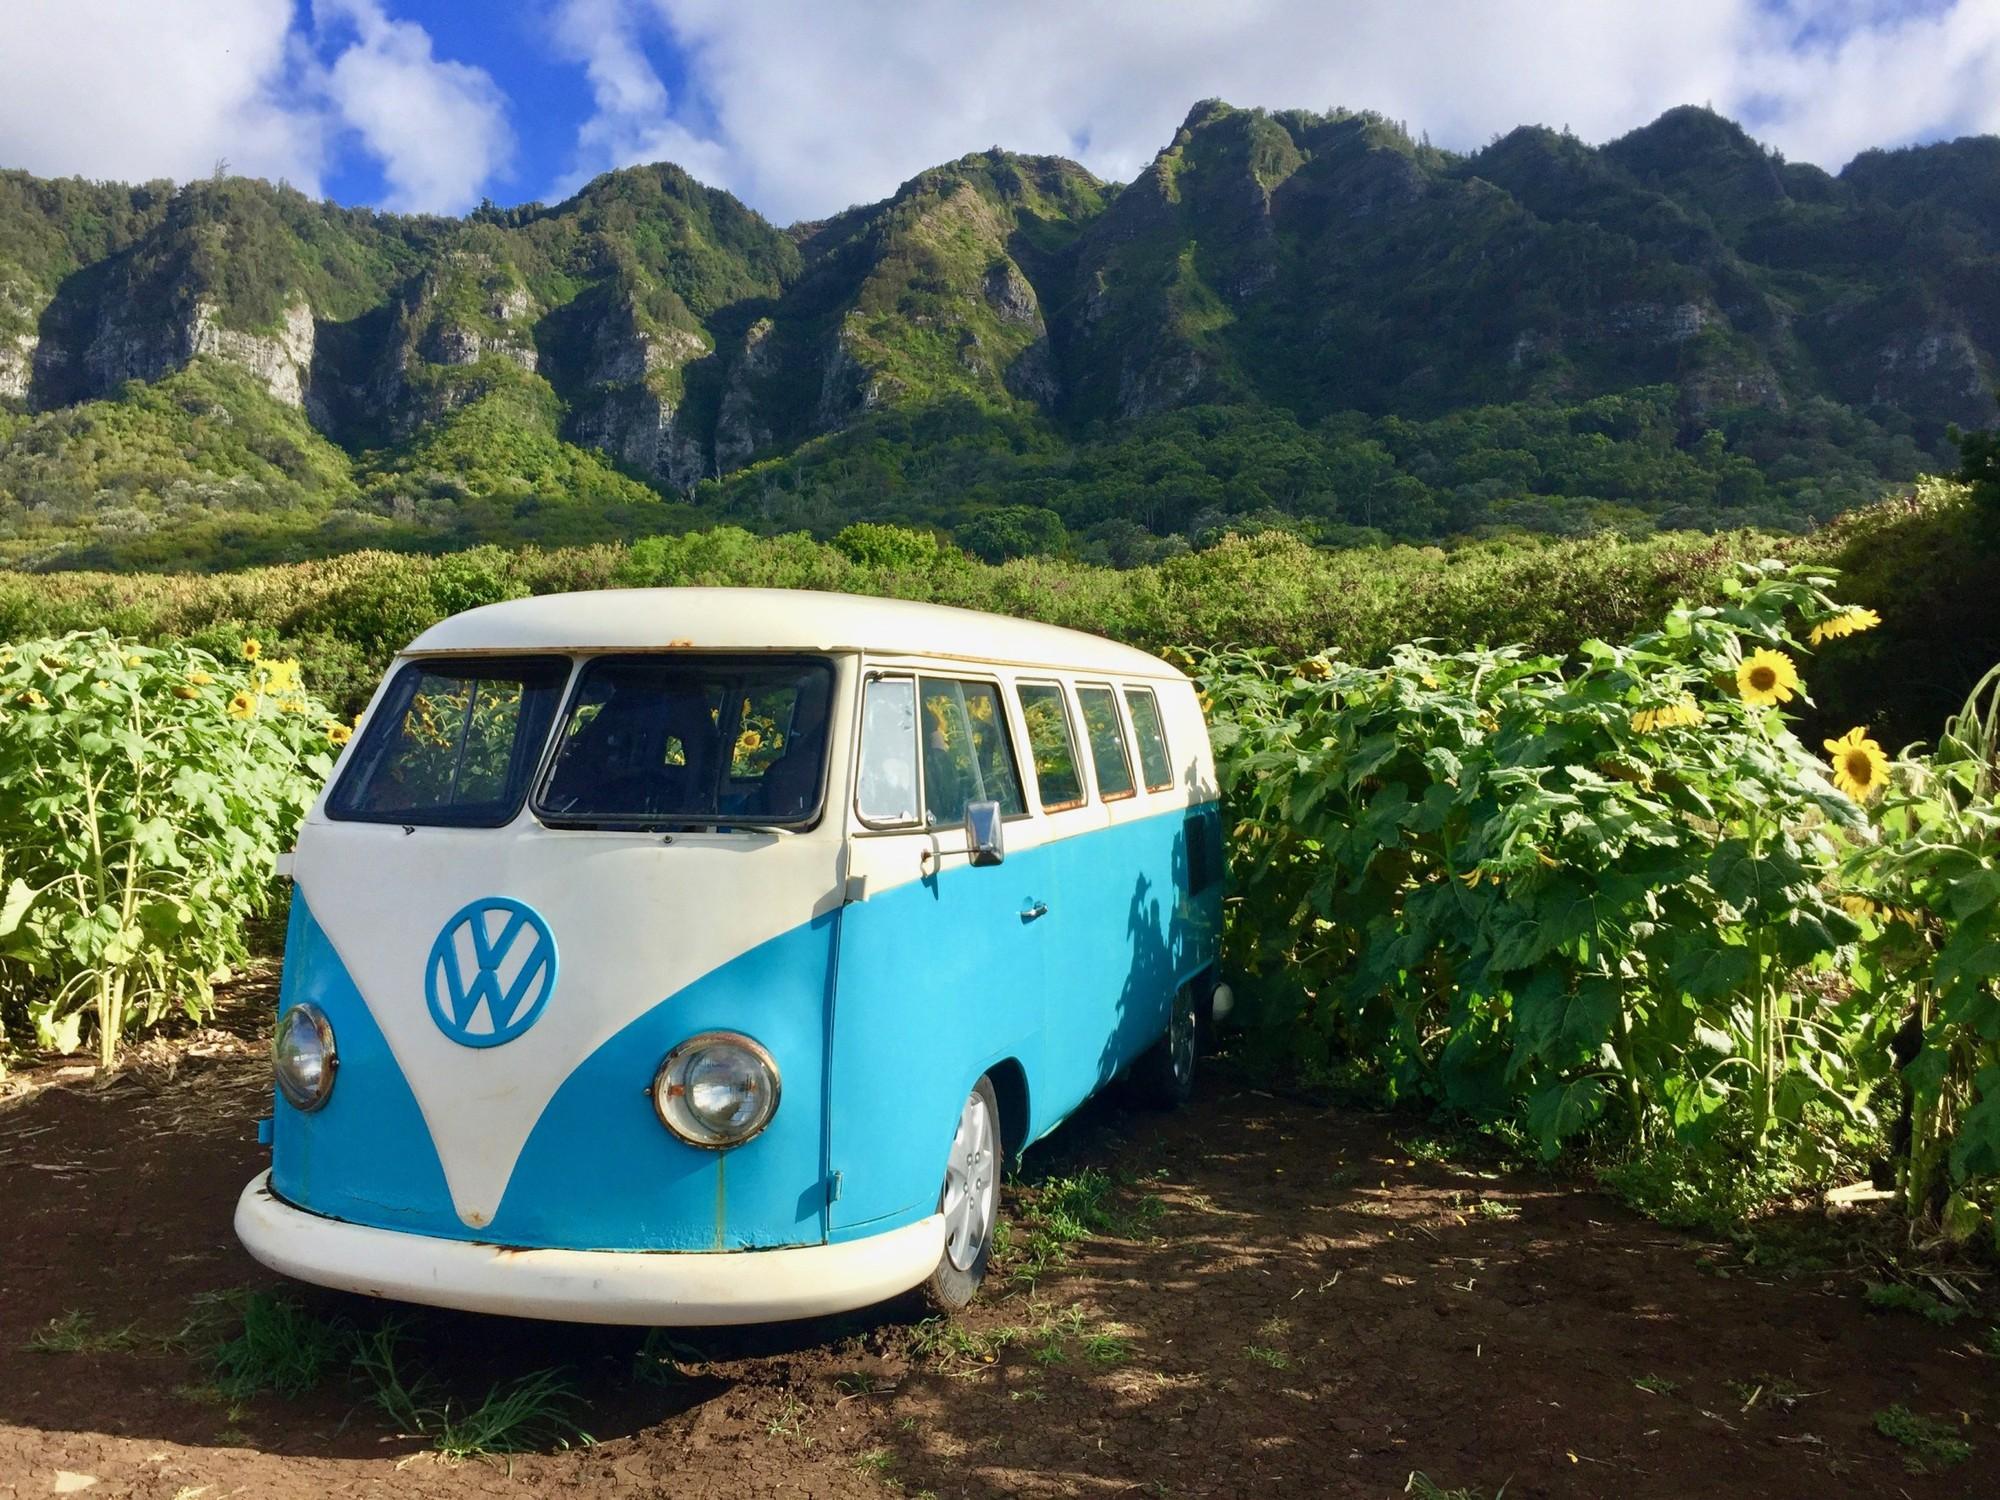 Dù YG có giữ bí mật tới mức nào thì lịch trình ở Hawaii của BLACKPINK vẫn được tiết lộ gần như toàn bộ bởi cô nàng này - Ảnh 8.